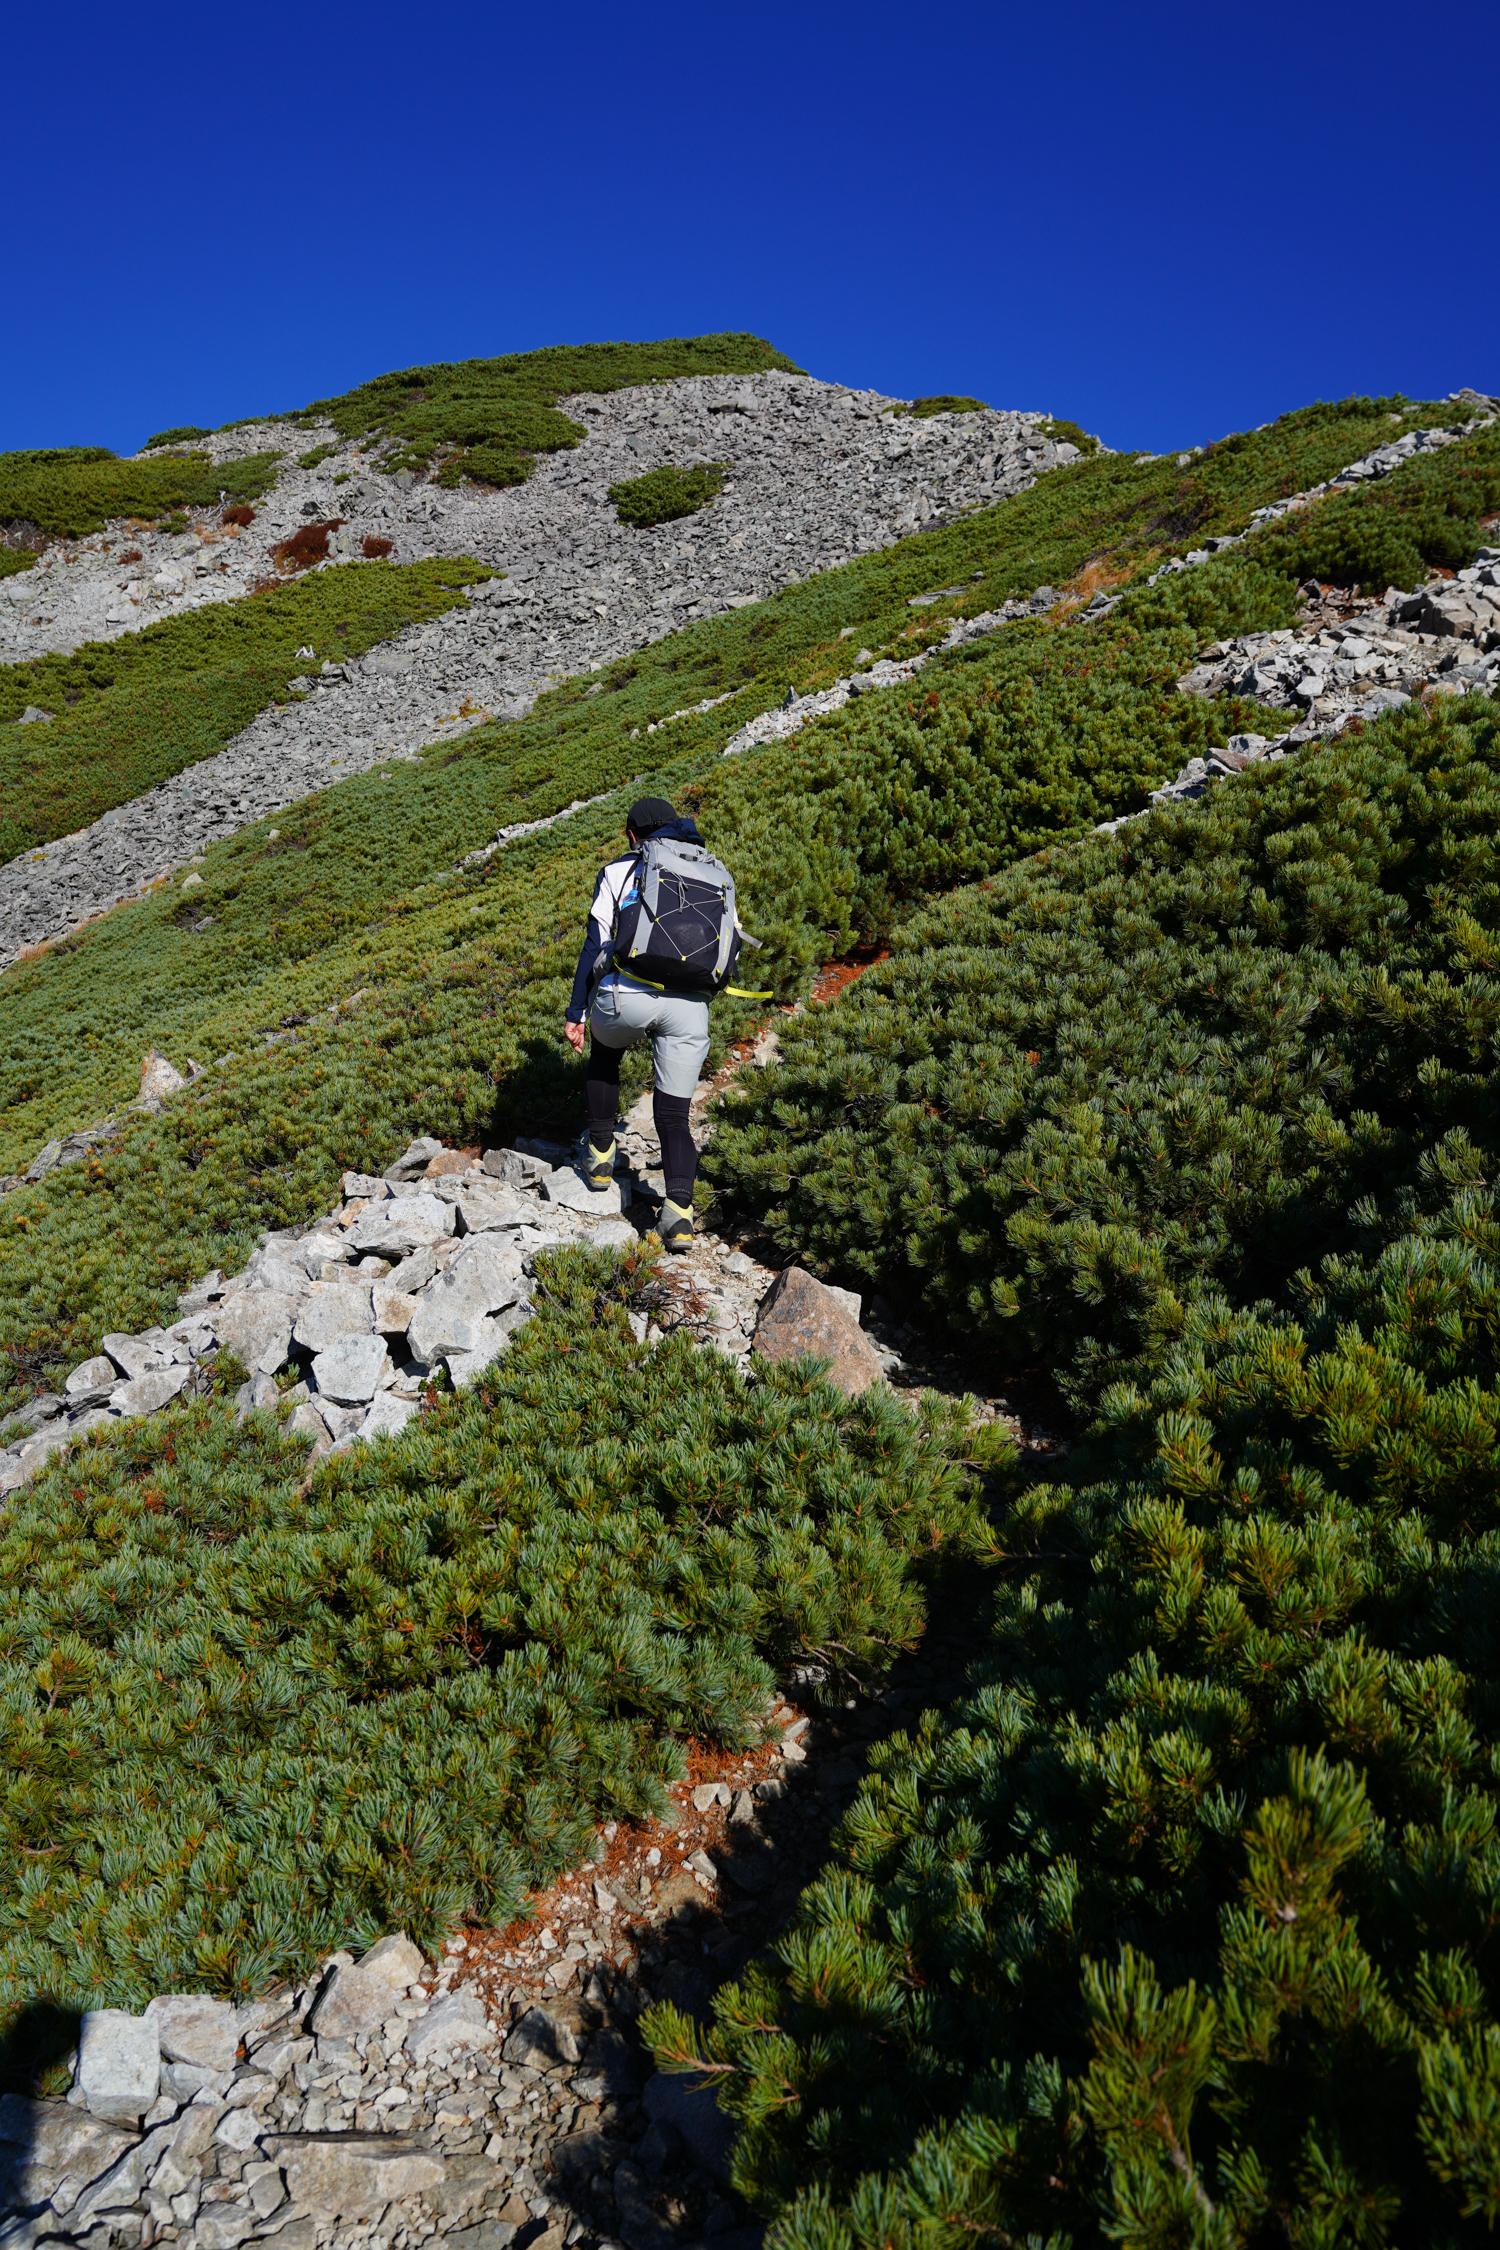 針ノ木岳 登山